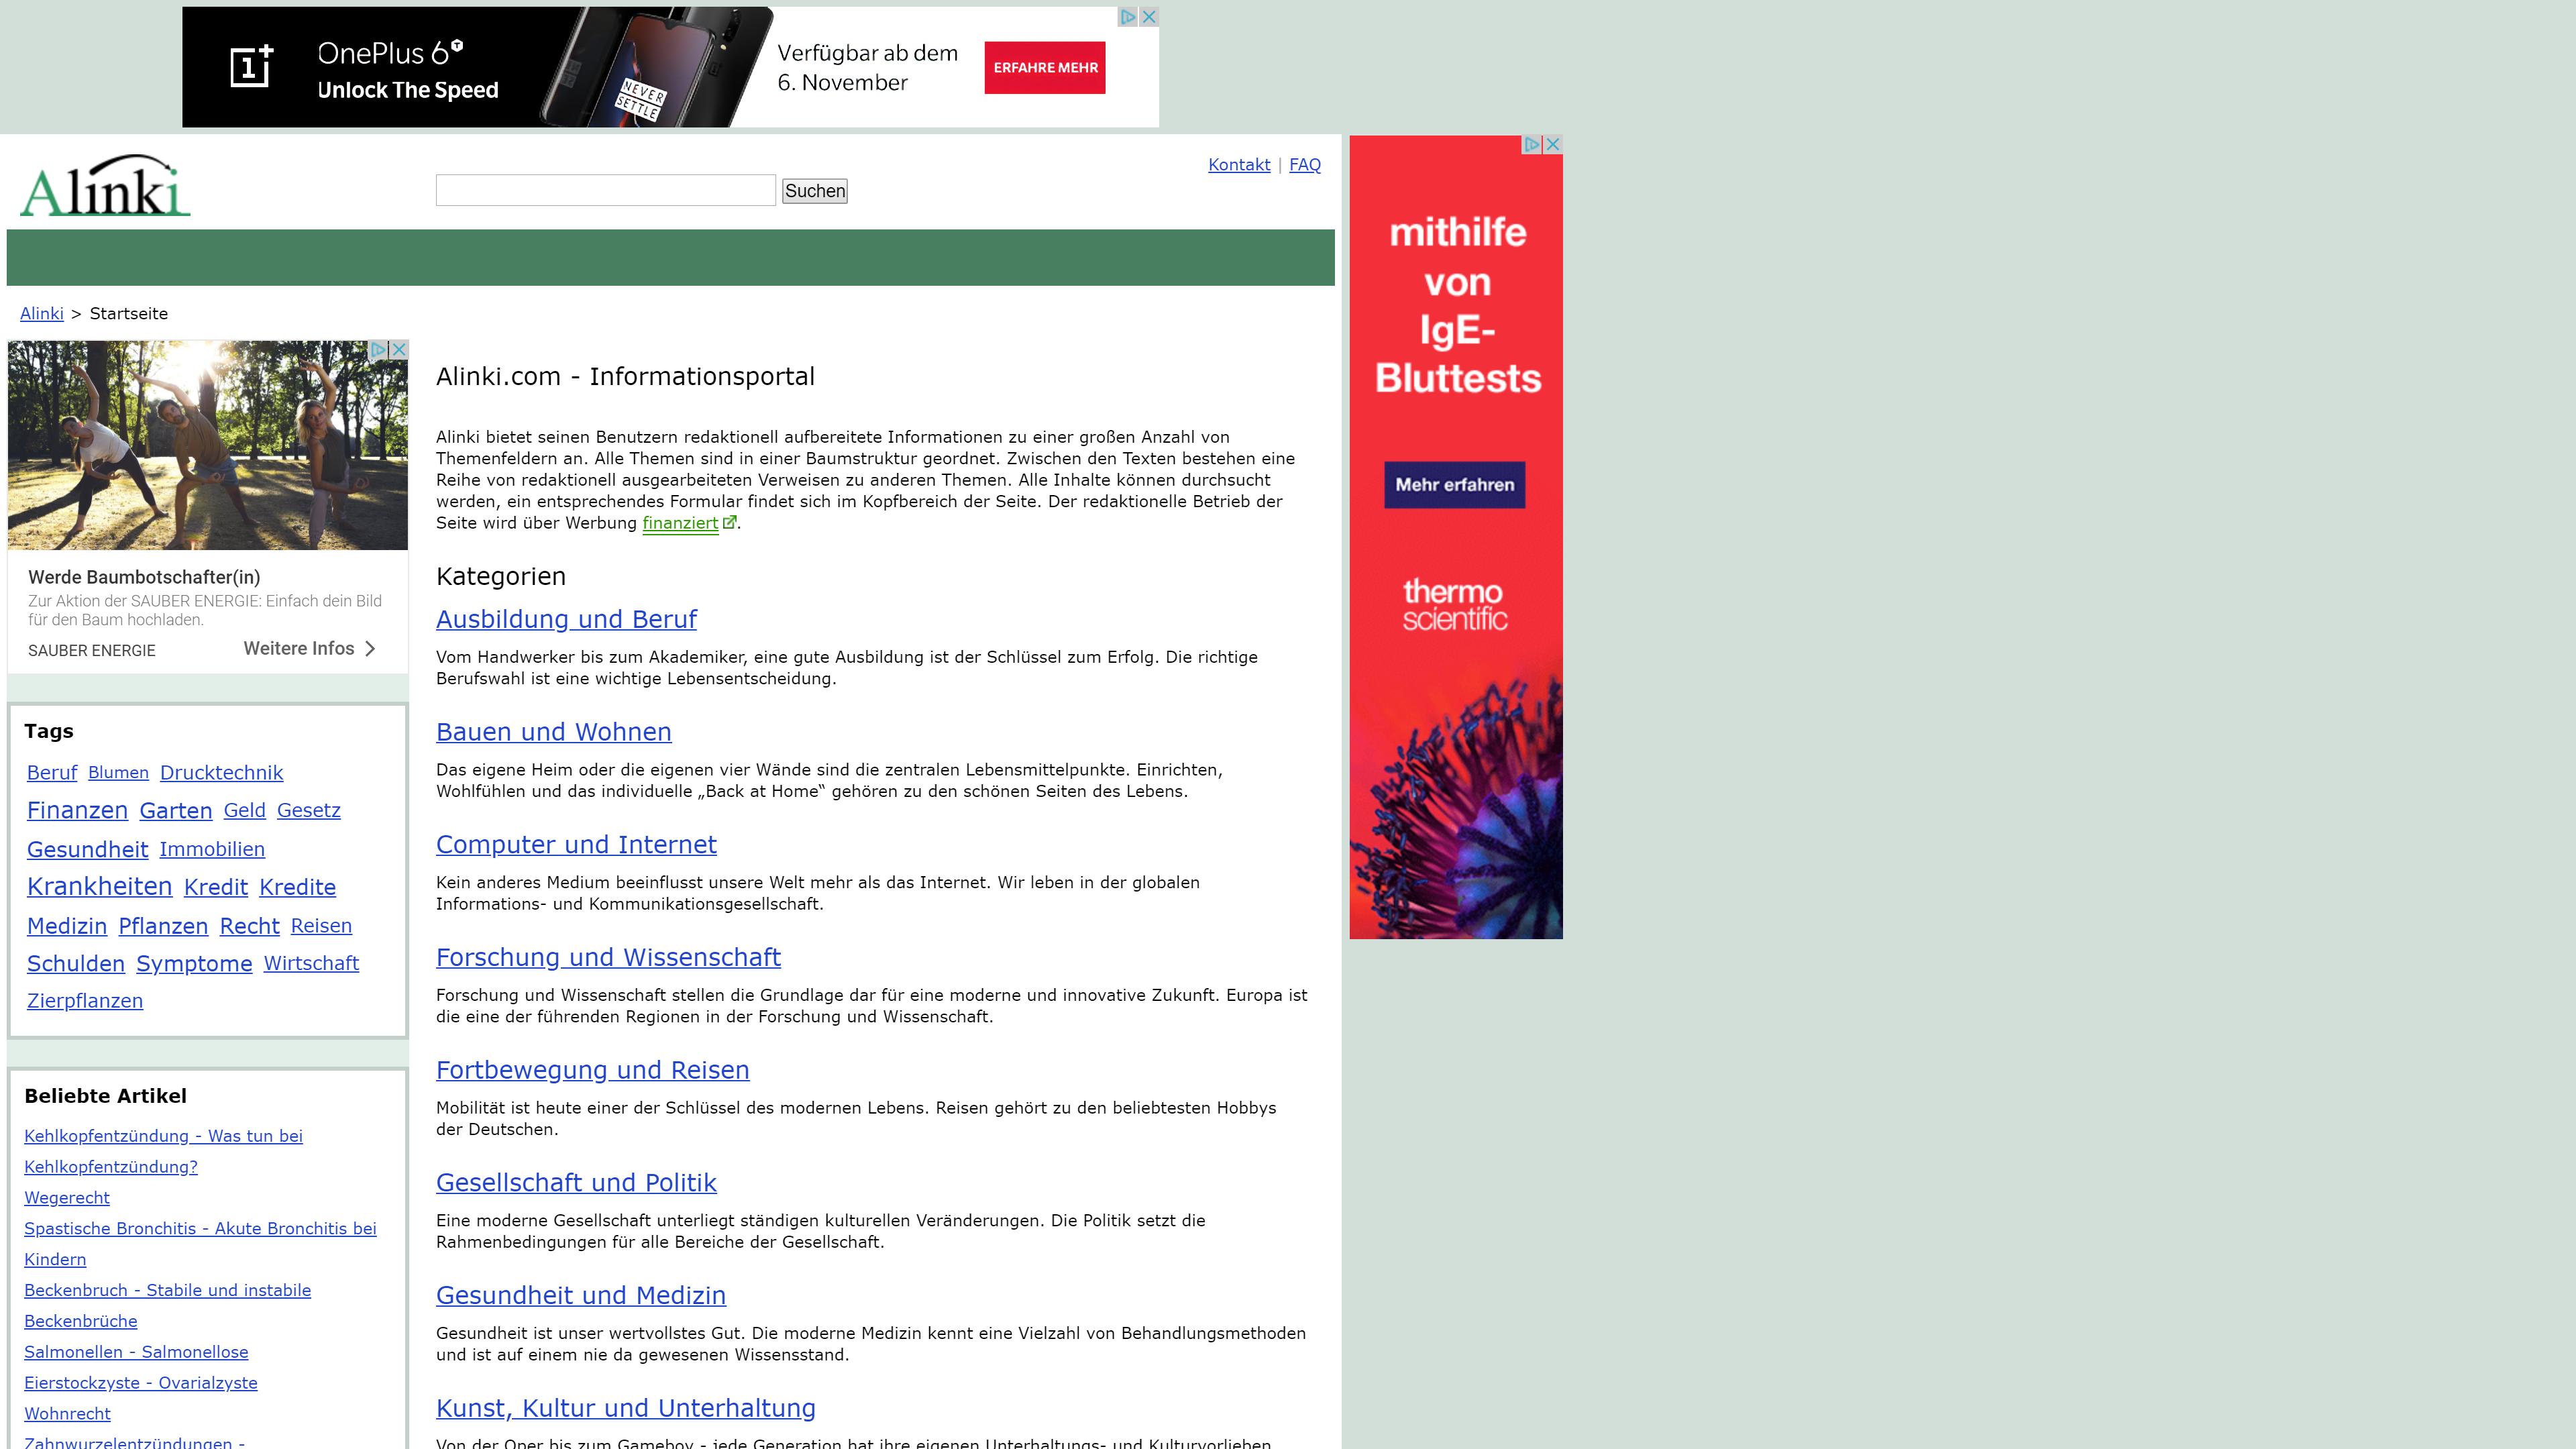 Informationsportal Alinki.com